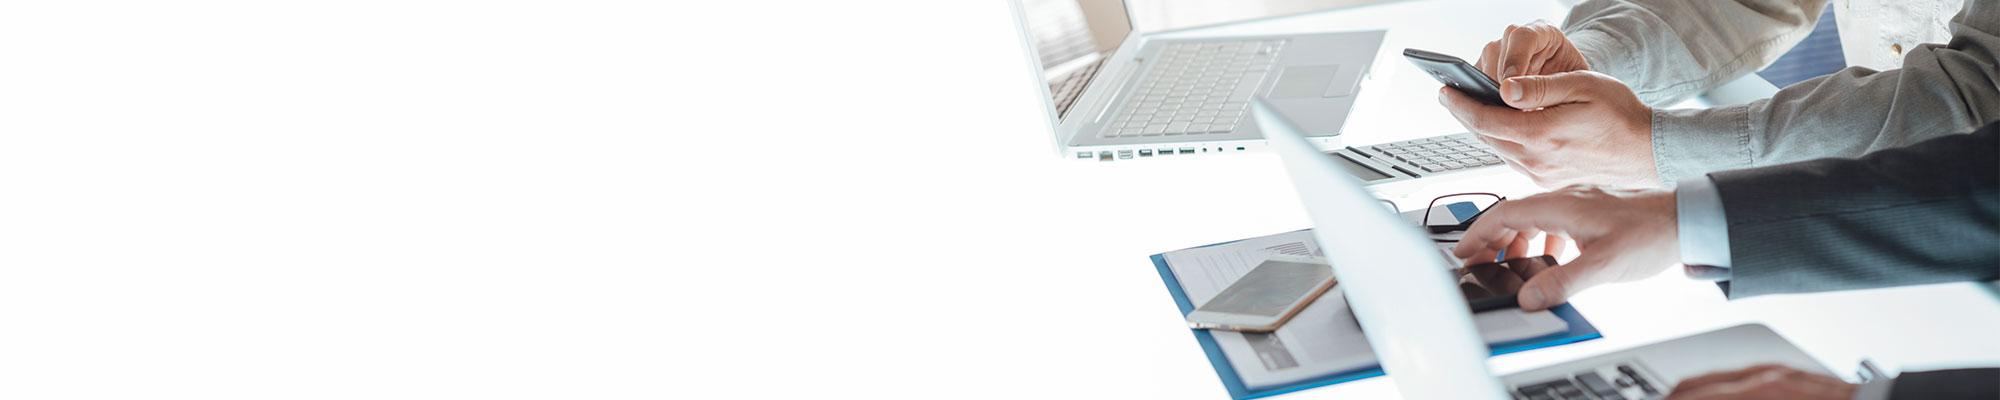 Desktops Und Mobile Endgeräte Verwalten Desktop Central